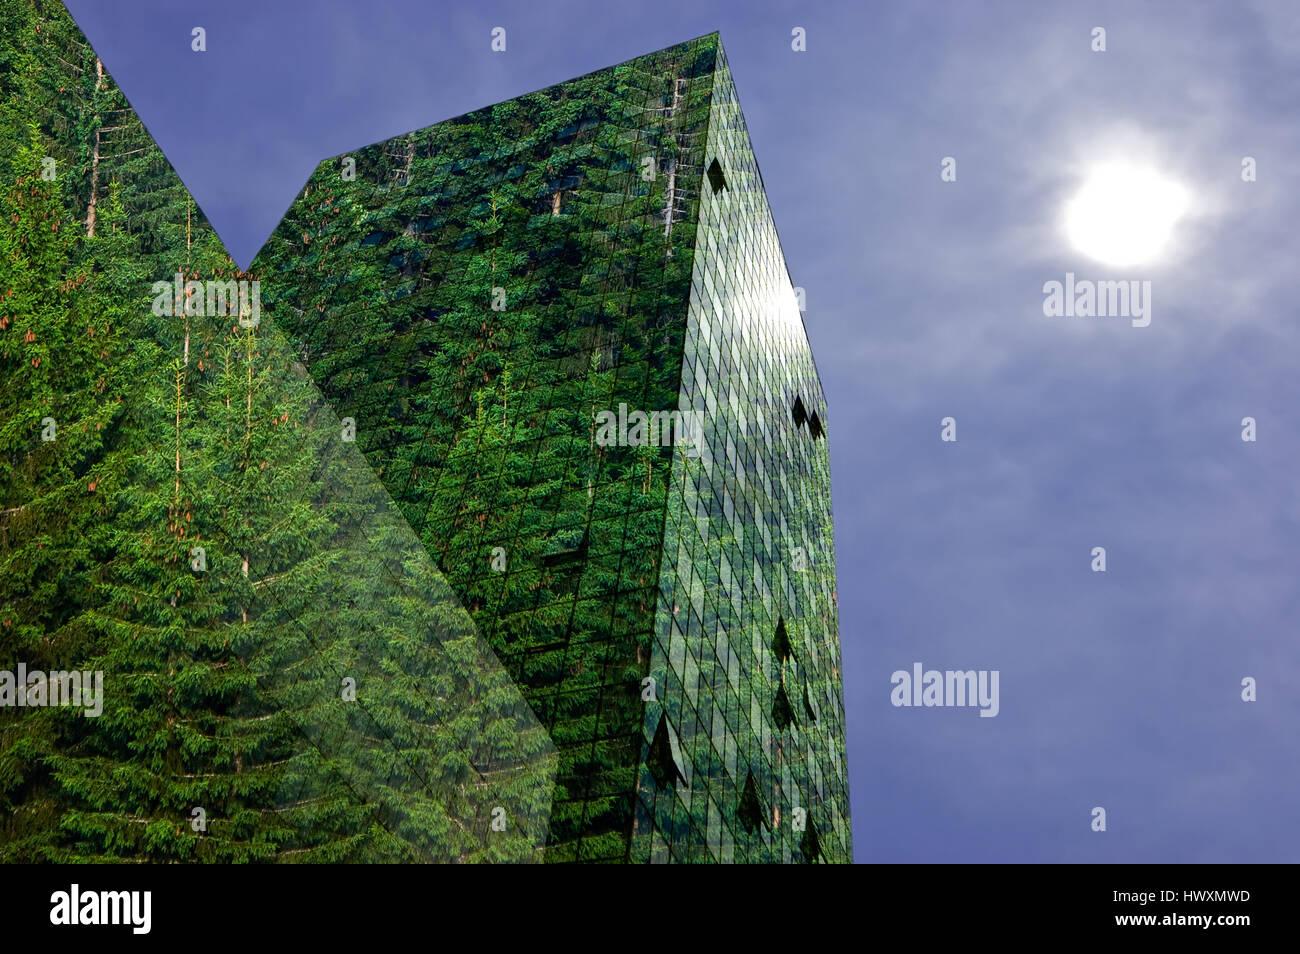 Verde, las energías renovables en la ciudad: un edificio moderno cubierto con bosque de abetos. La energía Imagen De Stock